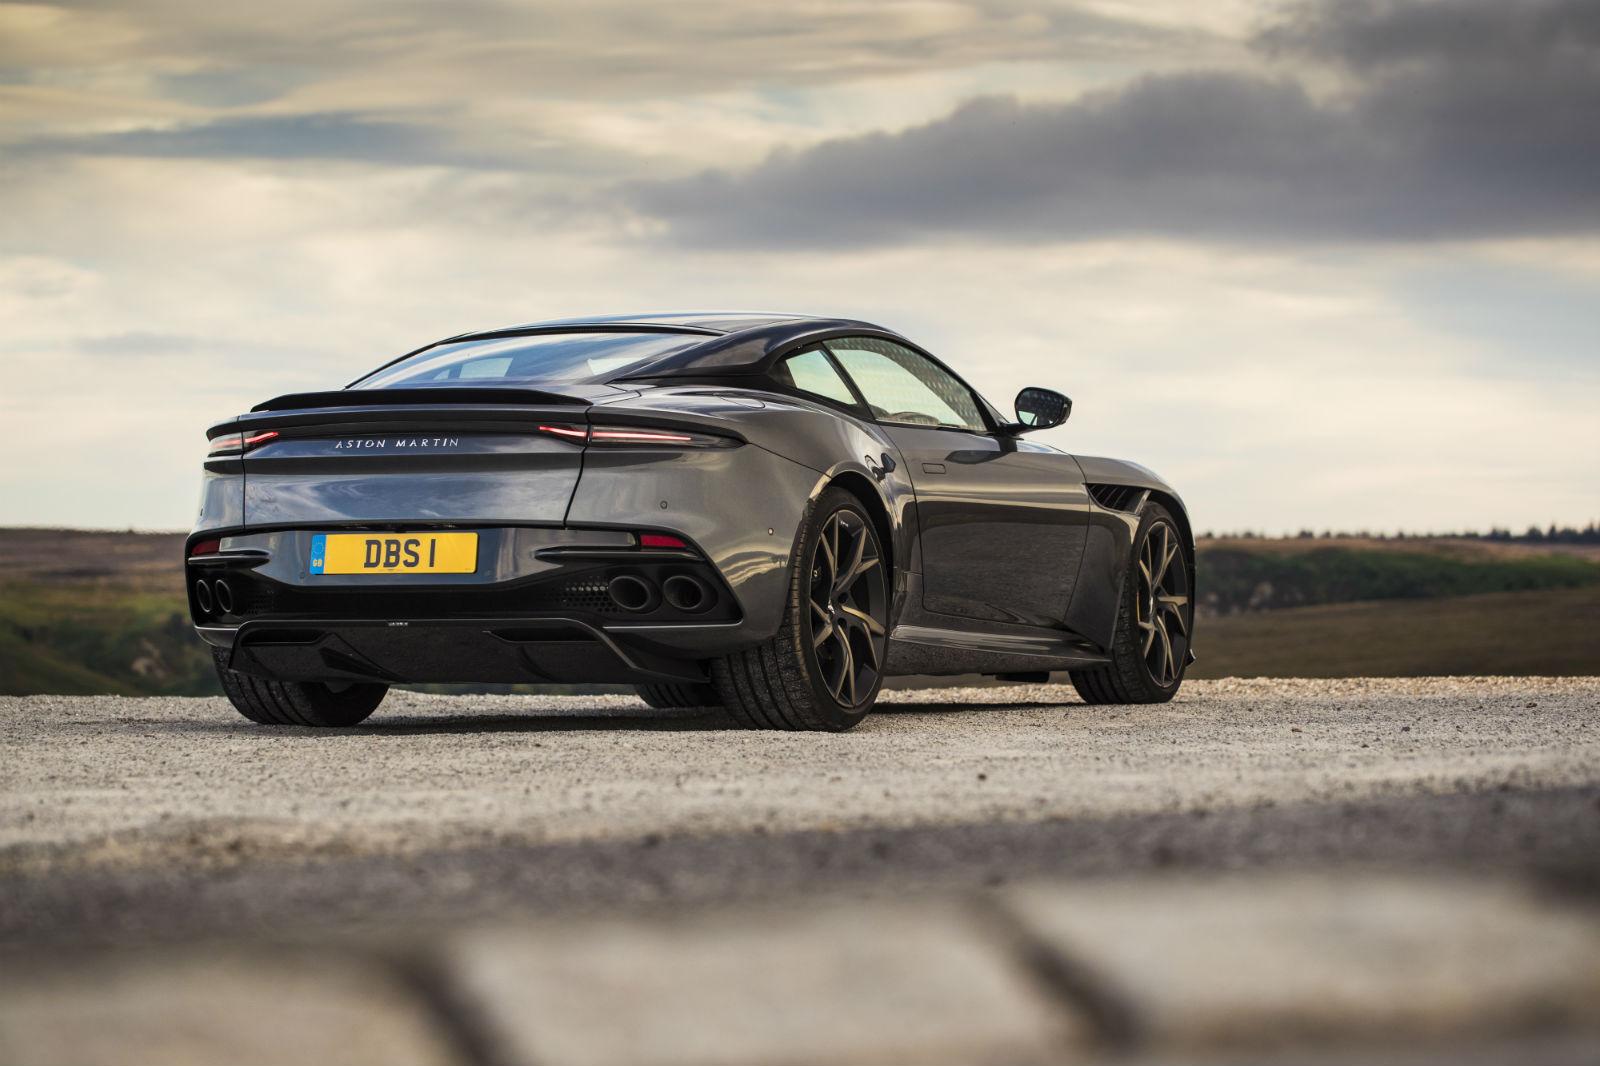 Aston Martin DBS Superleggera 007